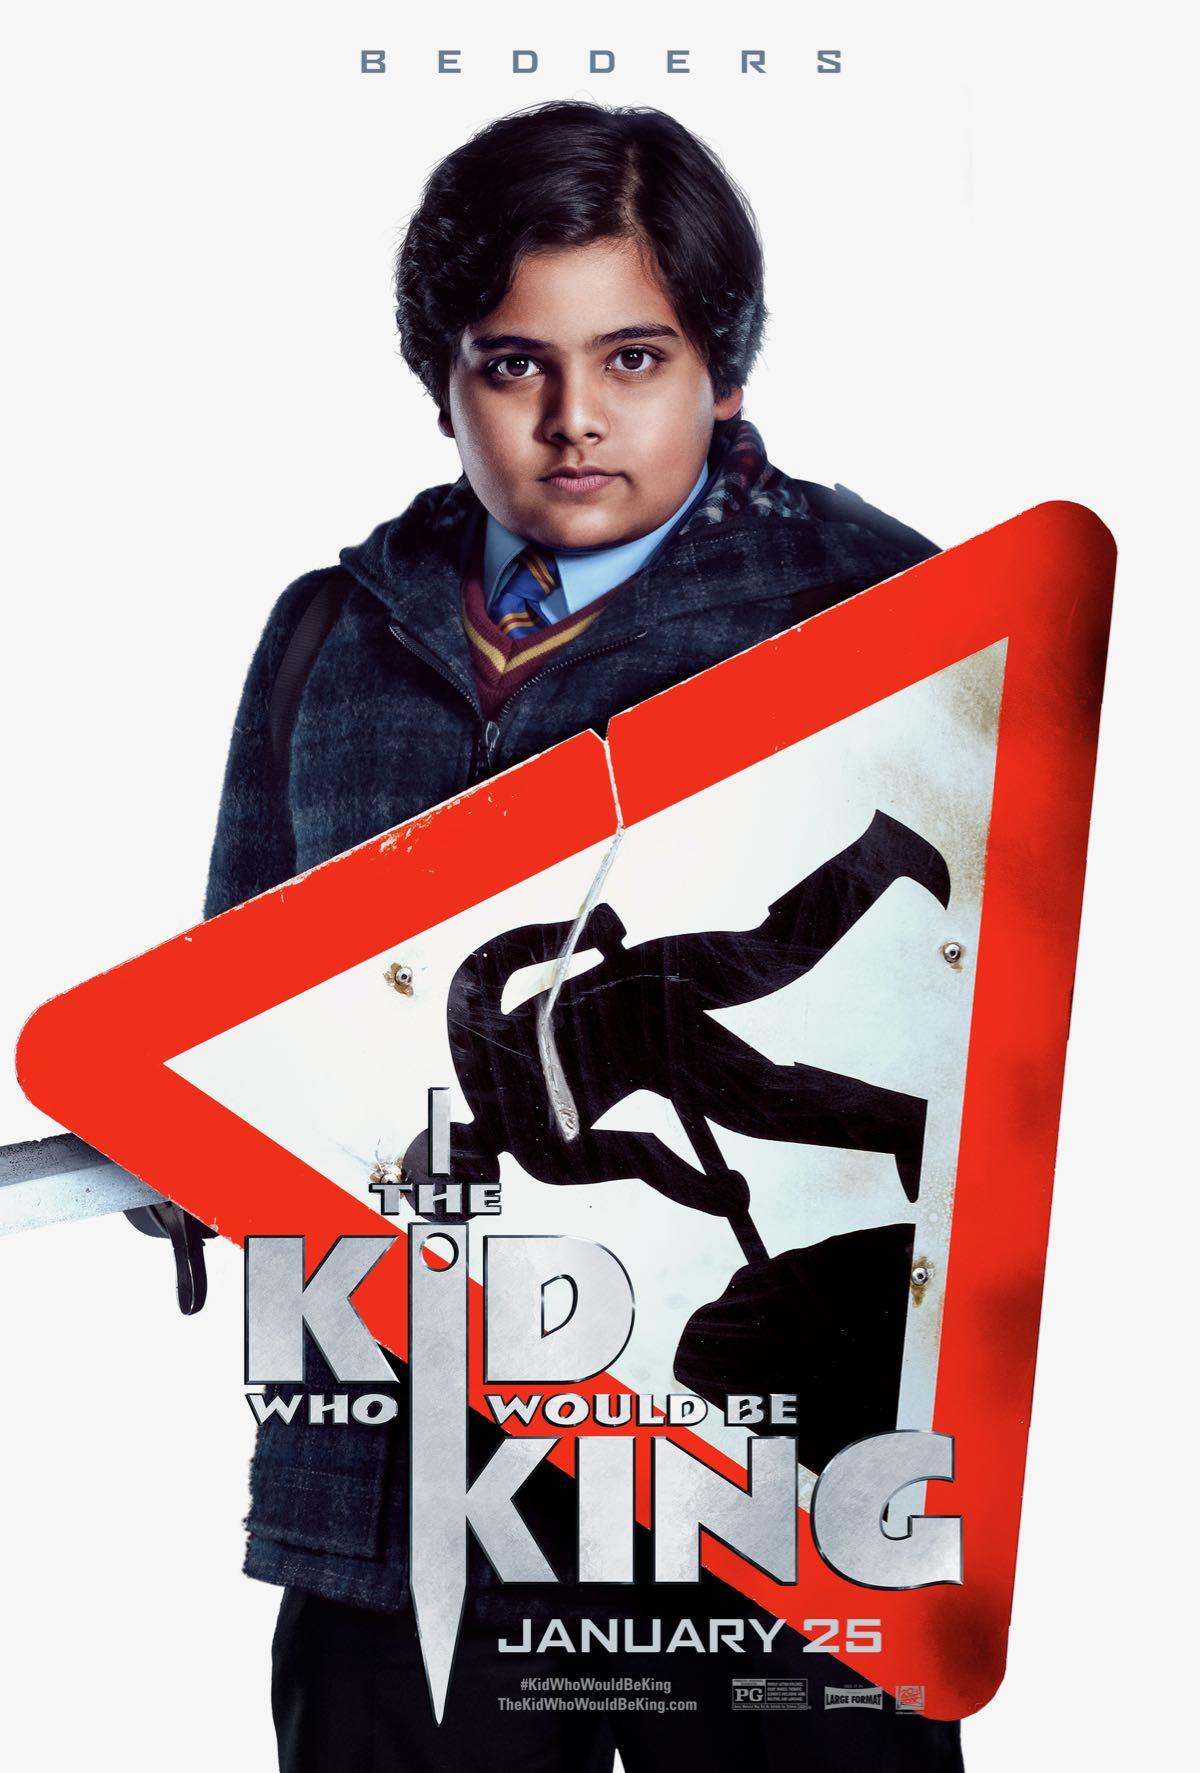 Il ragazzo che diventerà re: il character poster di Bedders